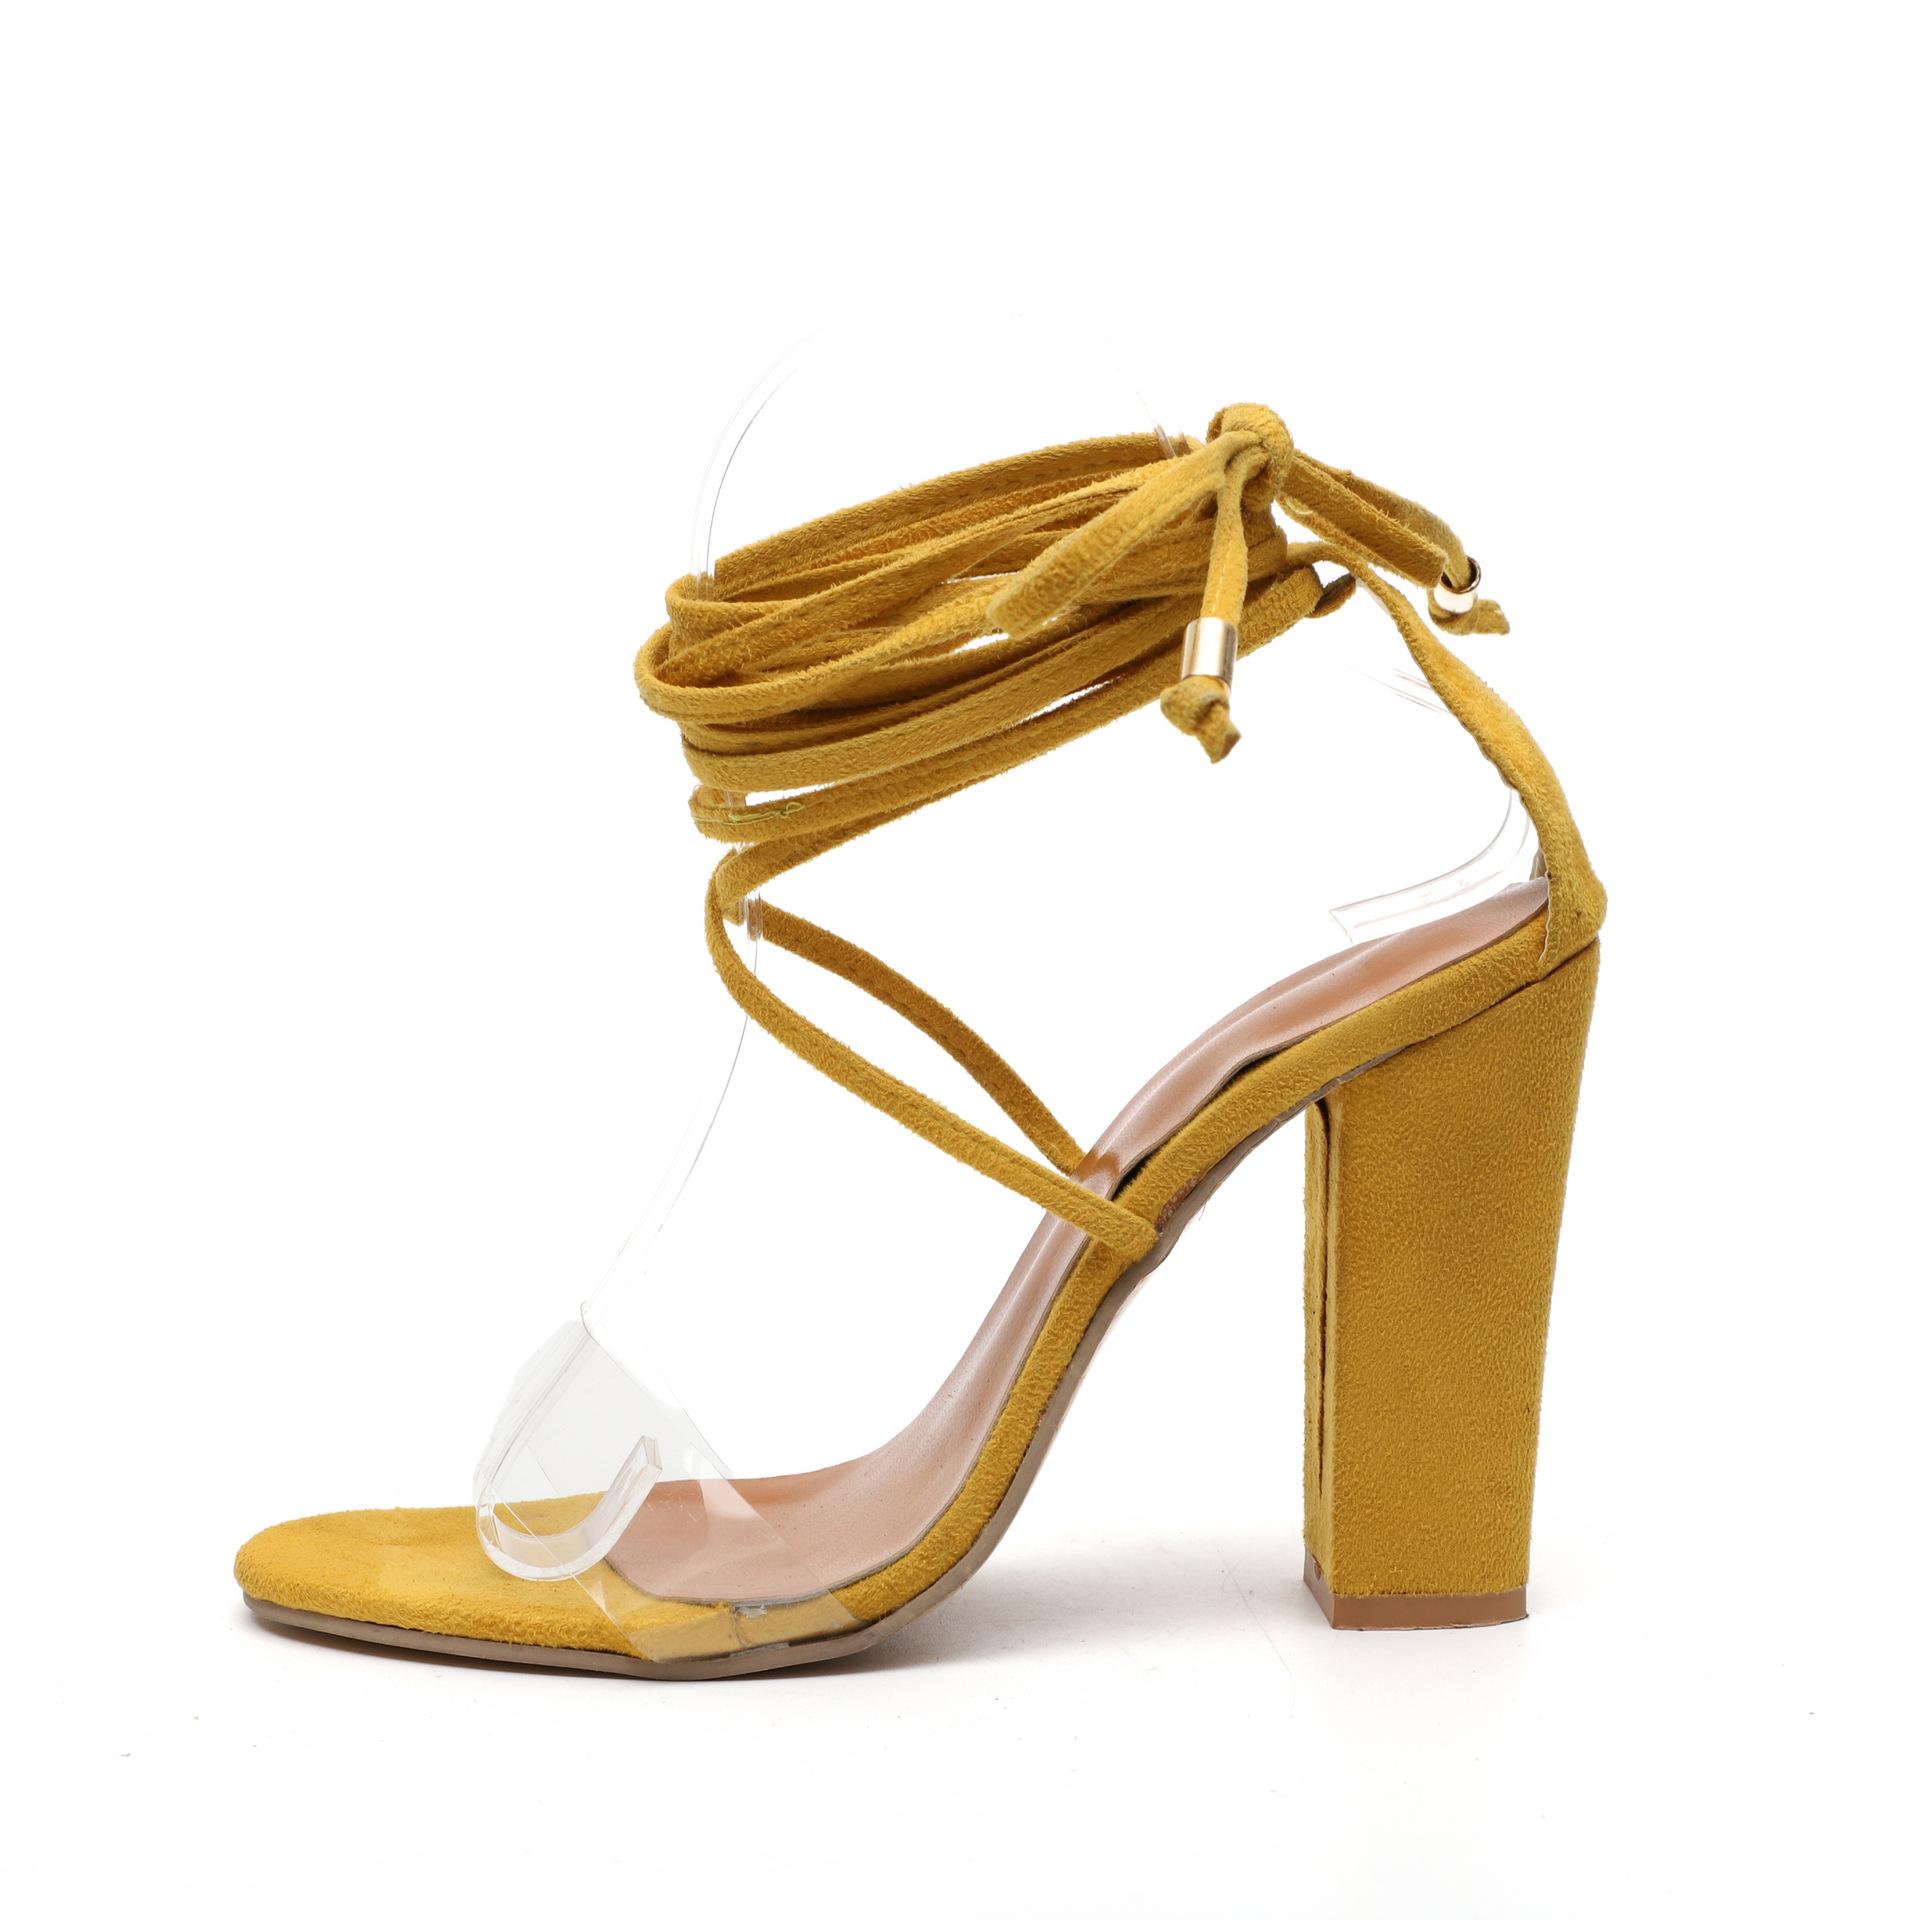 外贸现货wish亚马逊新款高跟绑带粗跟大码欧美水晶透明凉鞋女批发